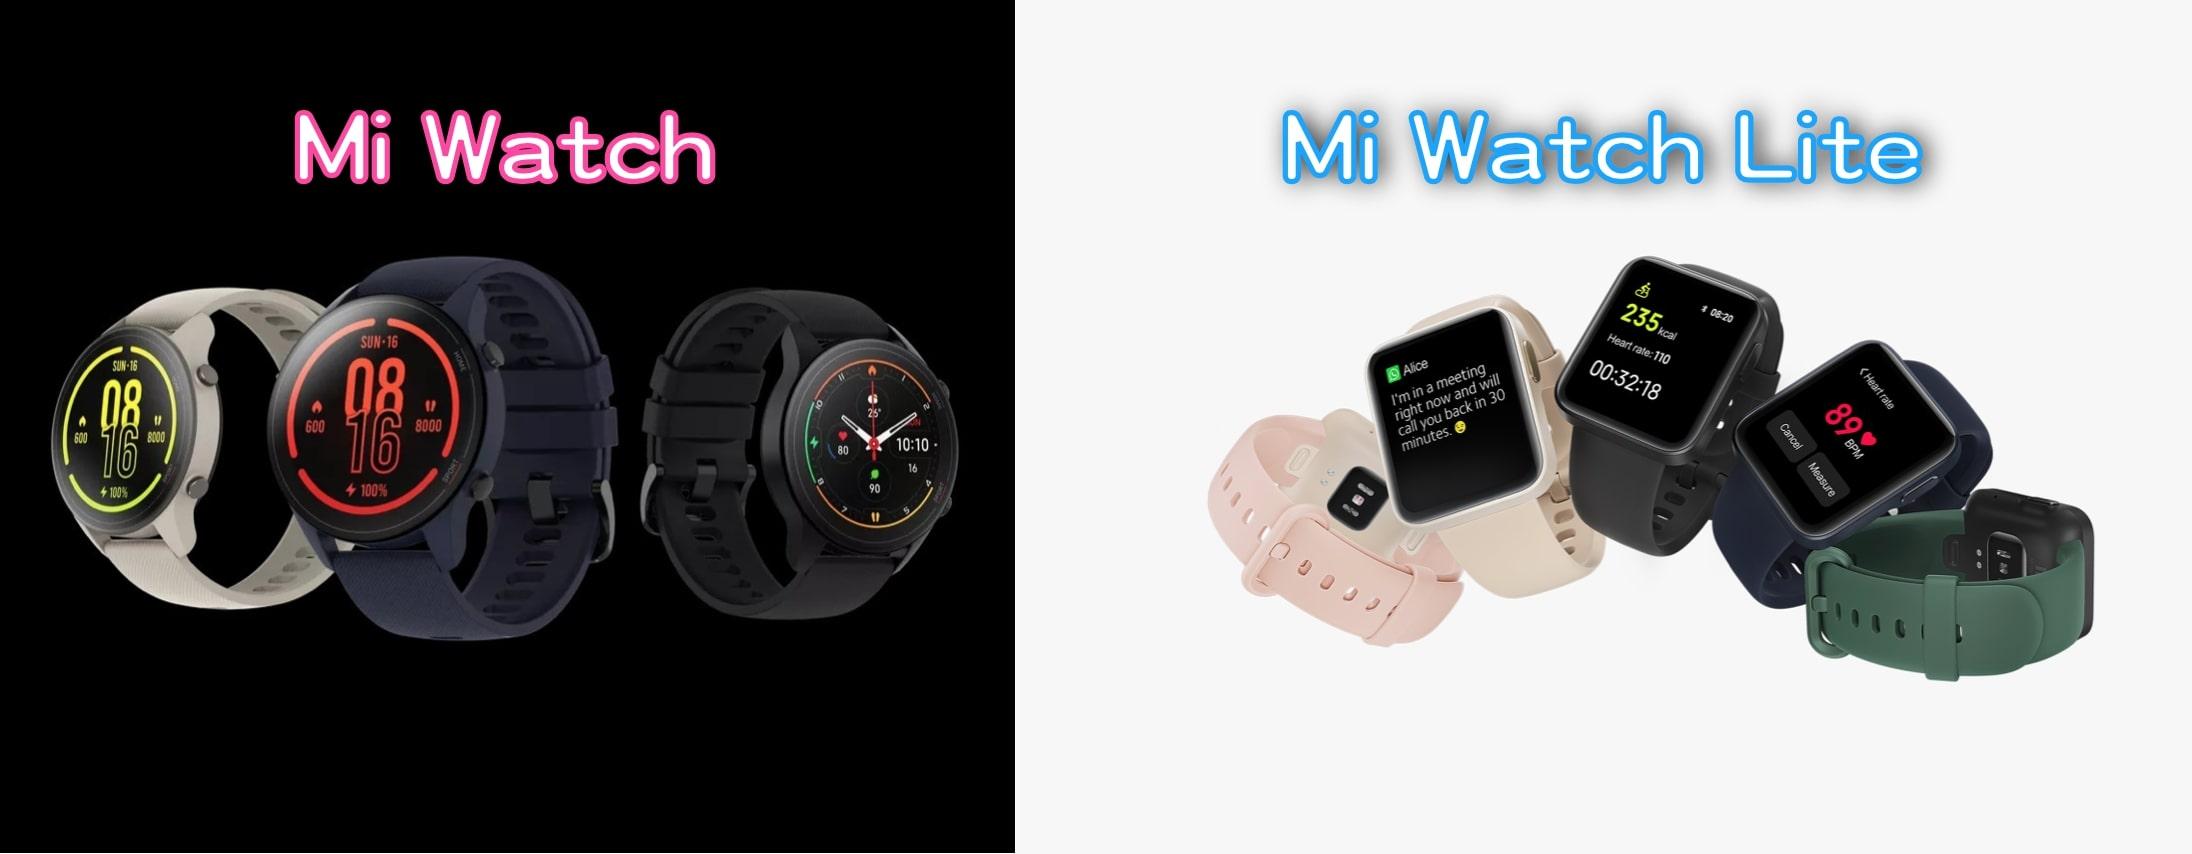 xiaomi-Mi-Watchと-Mi-Watch-Lite